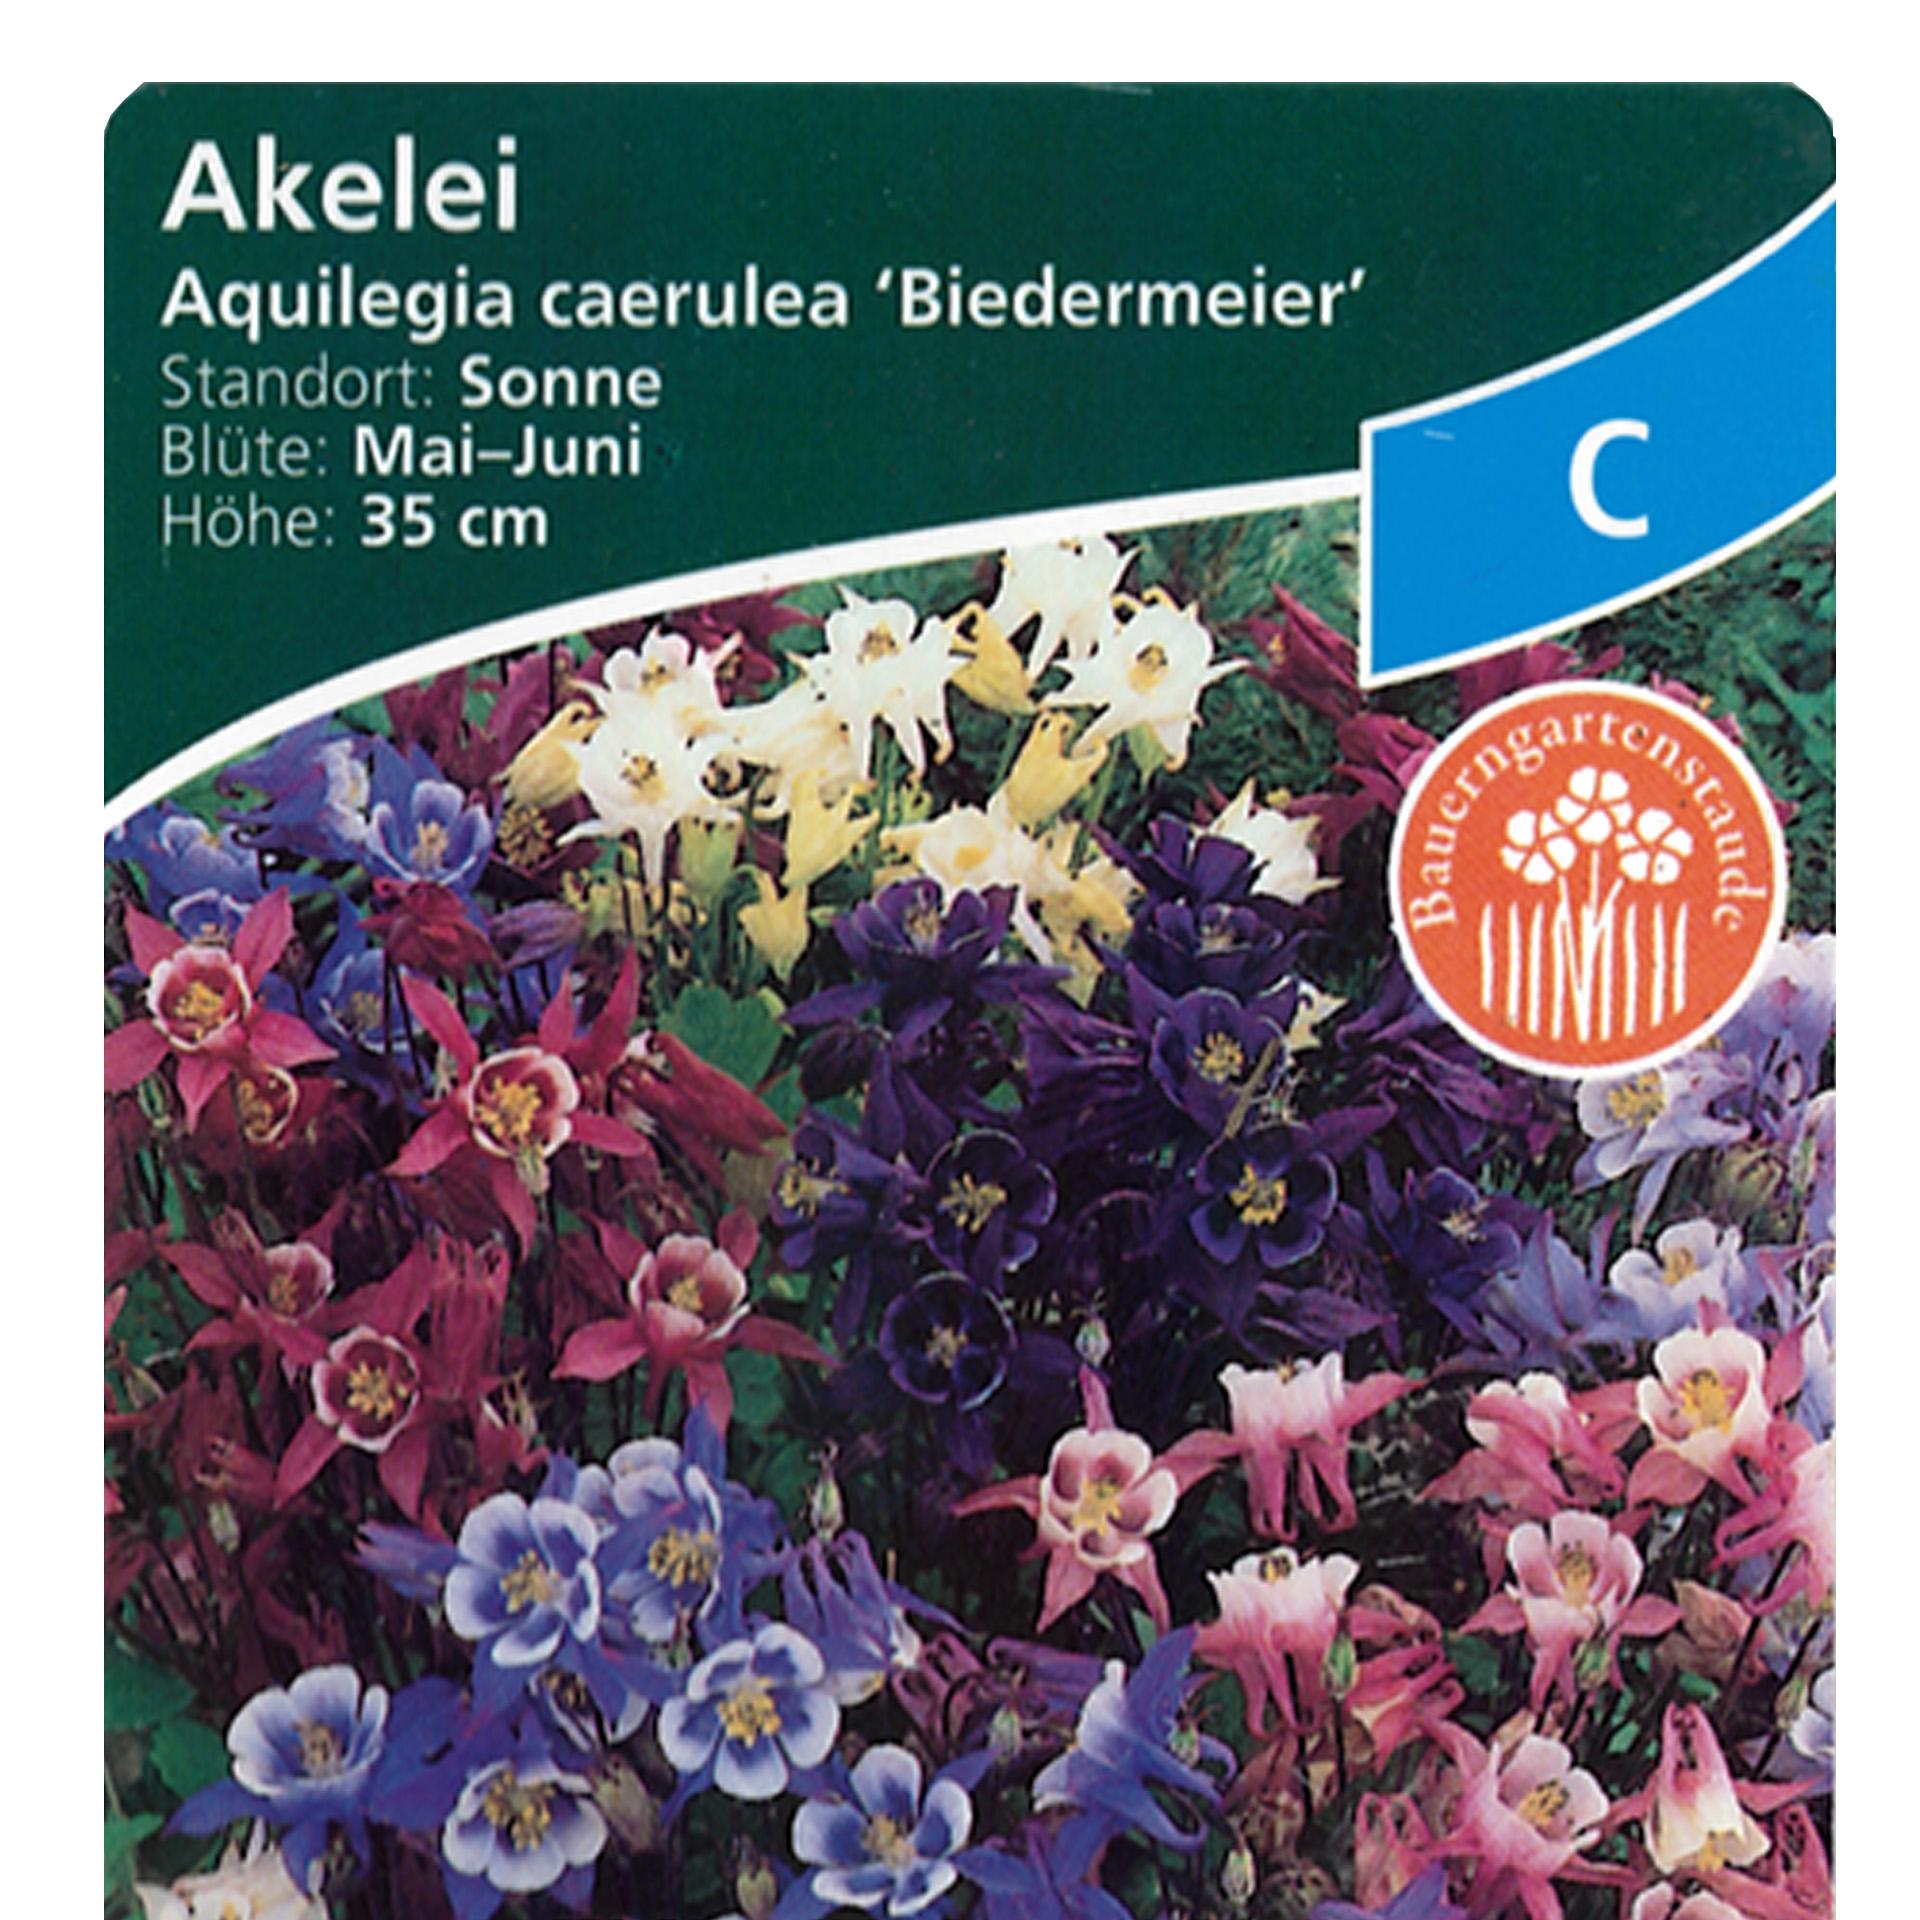 Akelei  - Aquilegia caerulea 'Biedermeier', 9cm Topf